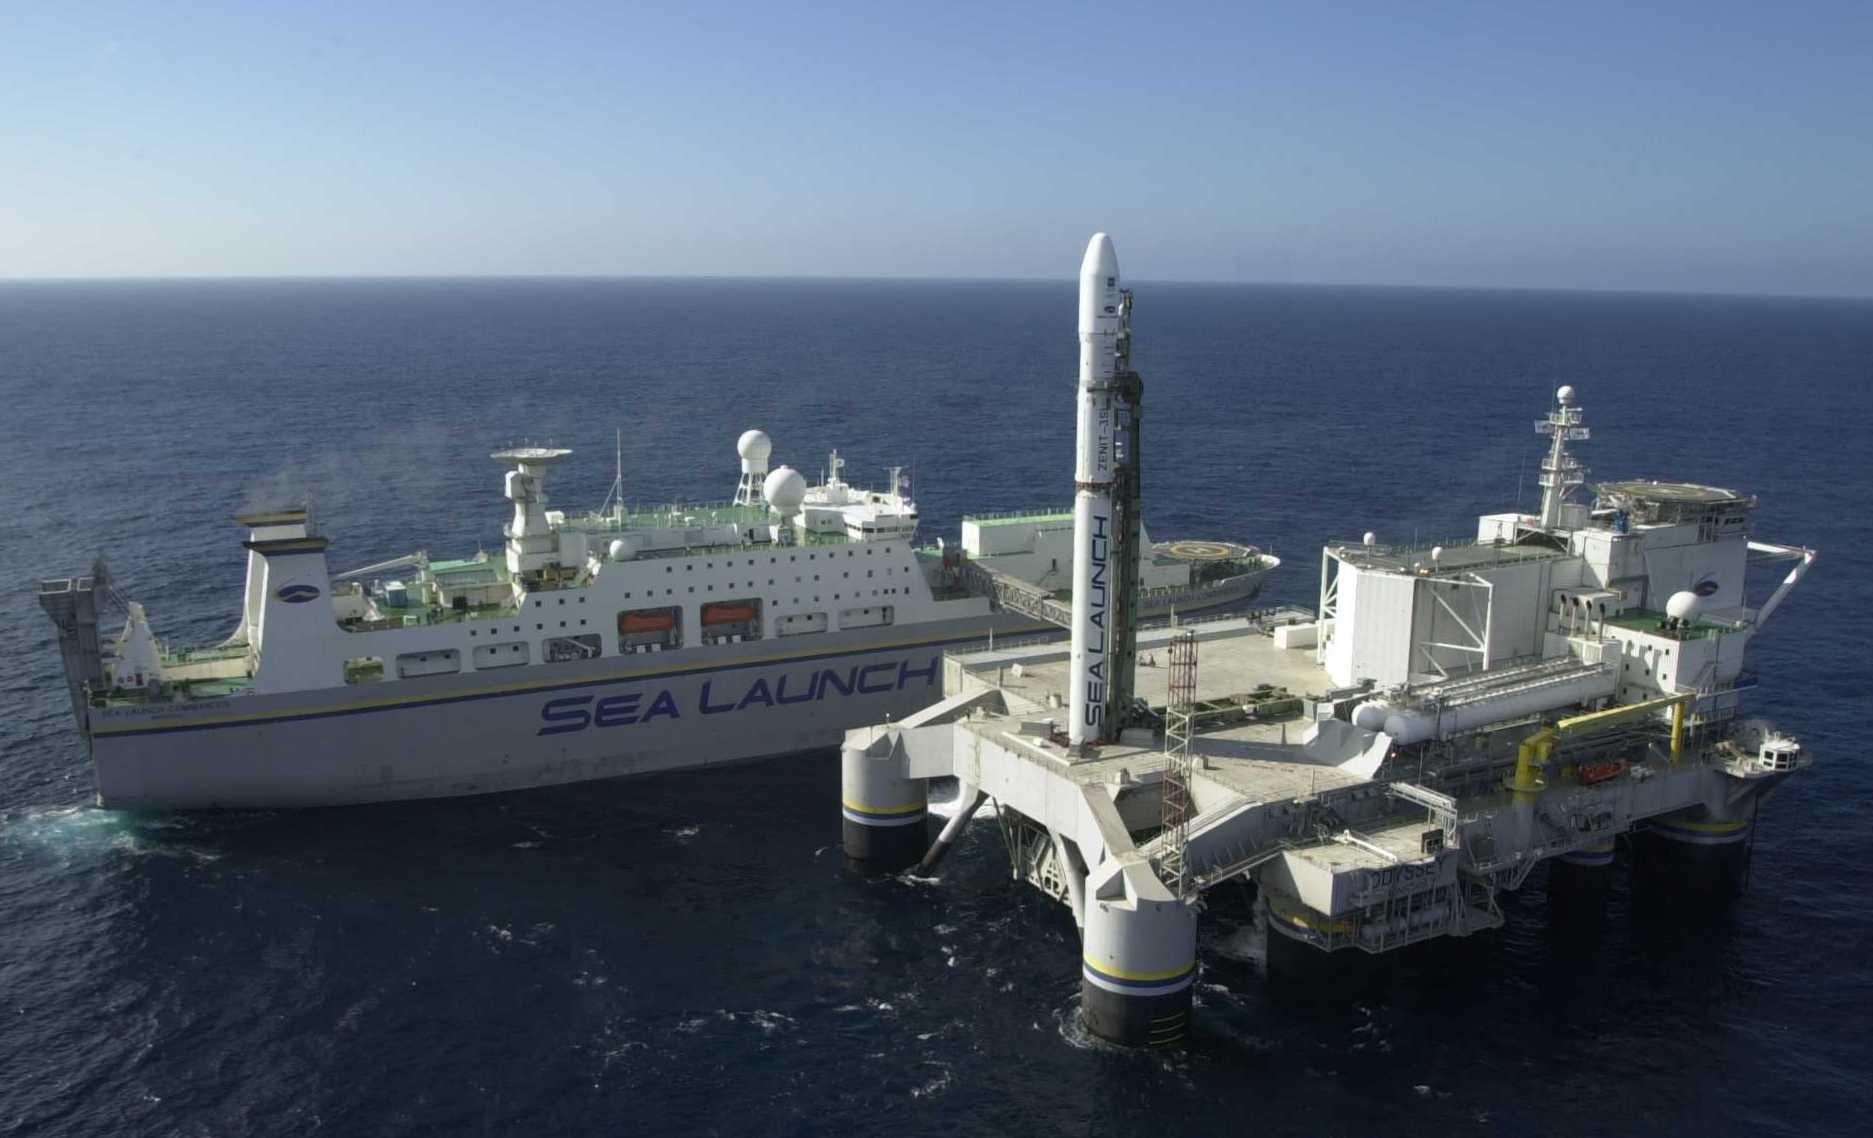 Картинки по запросу Sea Launch)